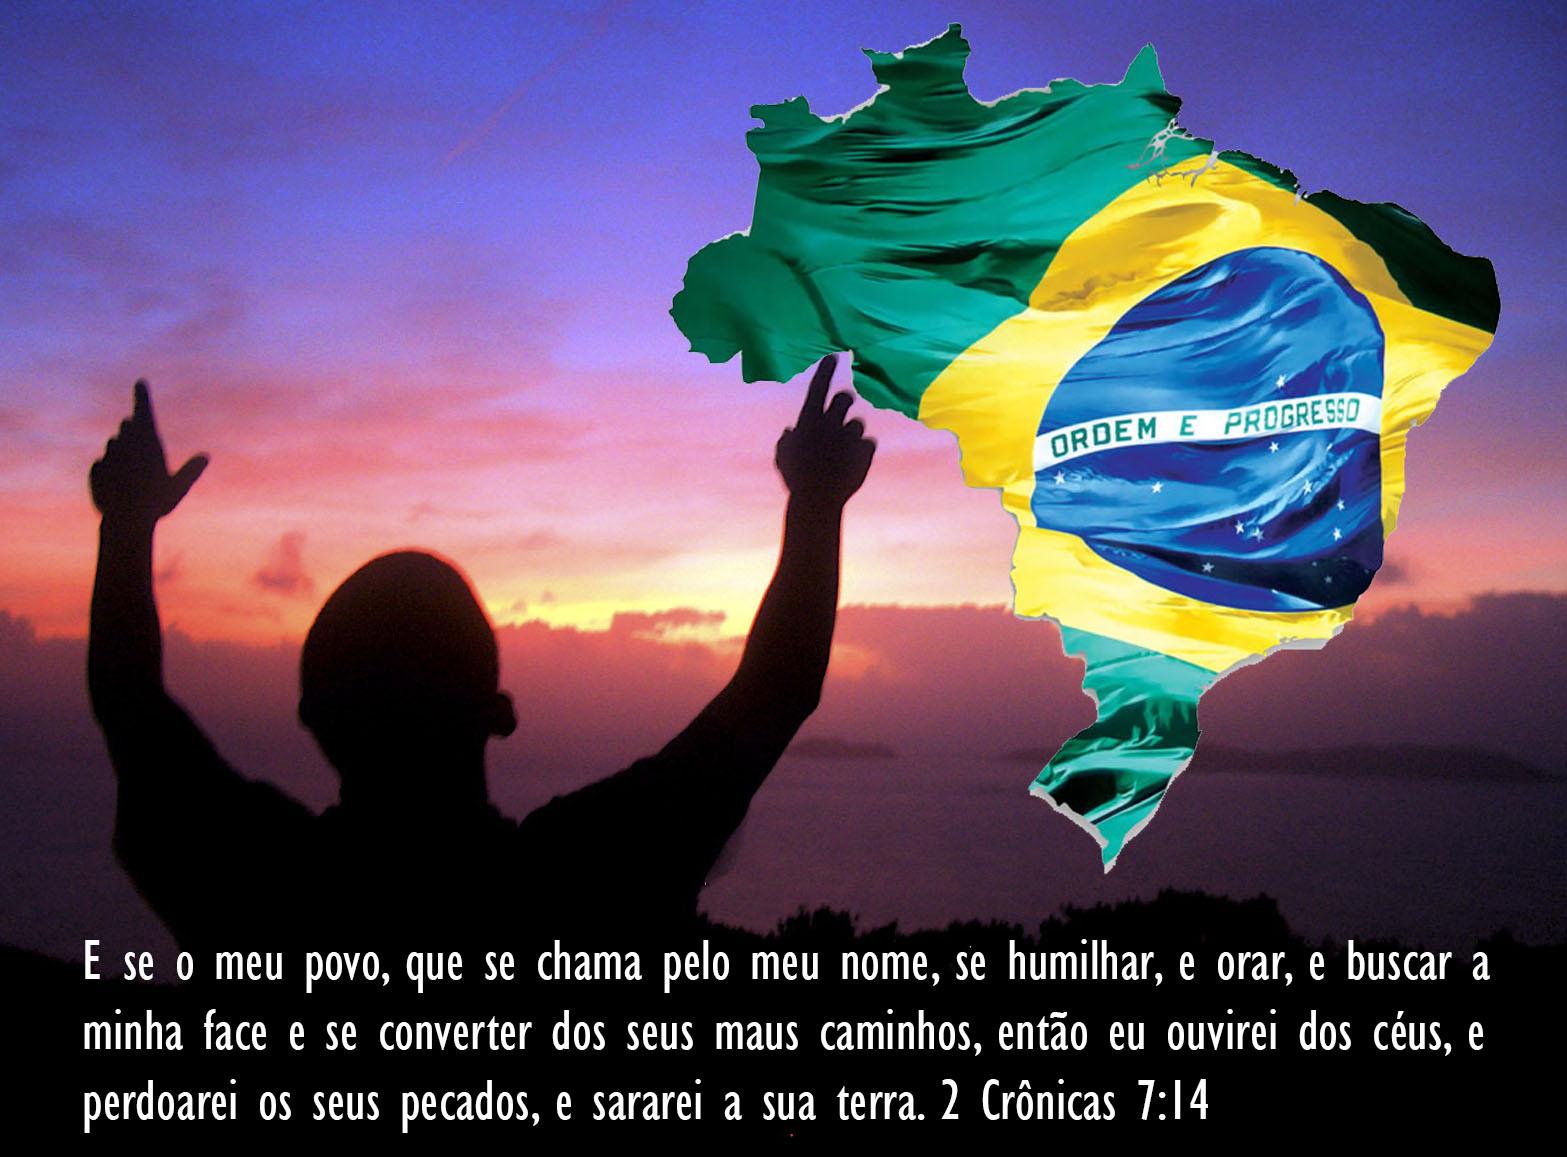 oração pelo brasil povo